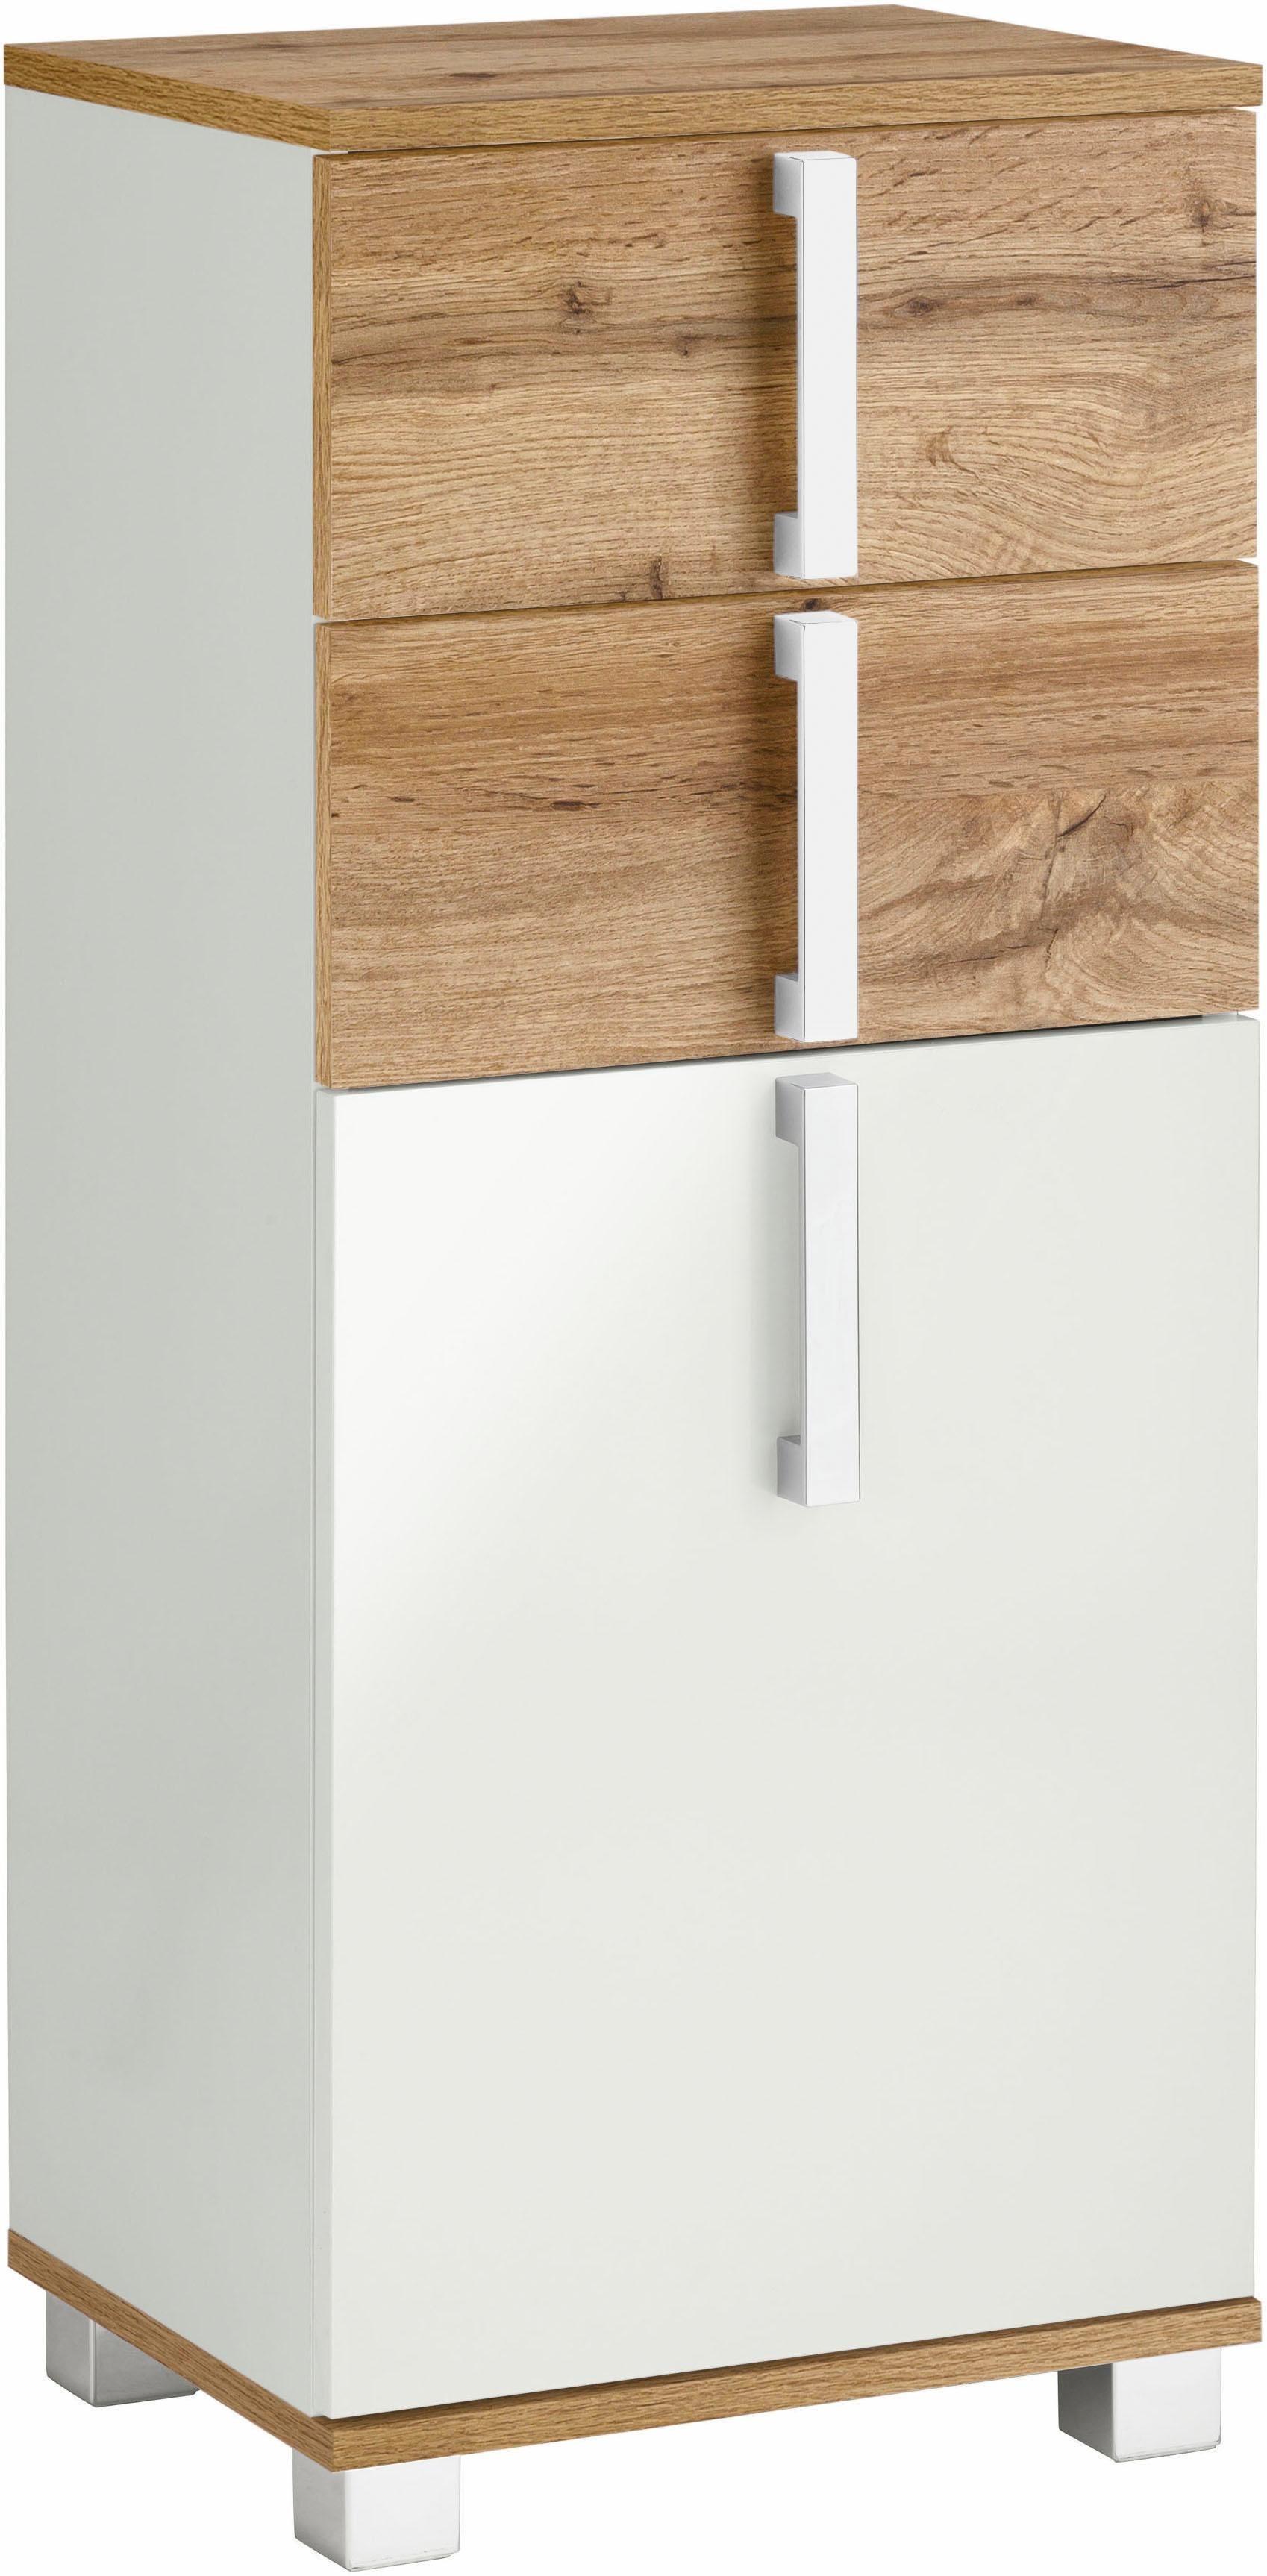 wohnwand nussbaum grau preisvergleich die besten. Black Bedroom Furniture Sets. Home Design Ideas